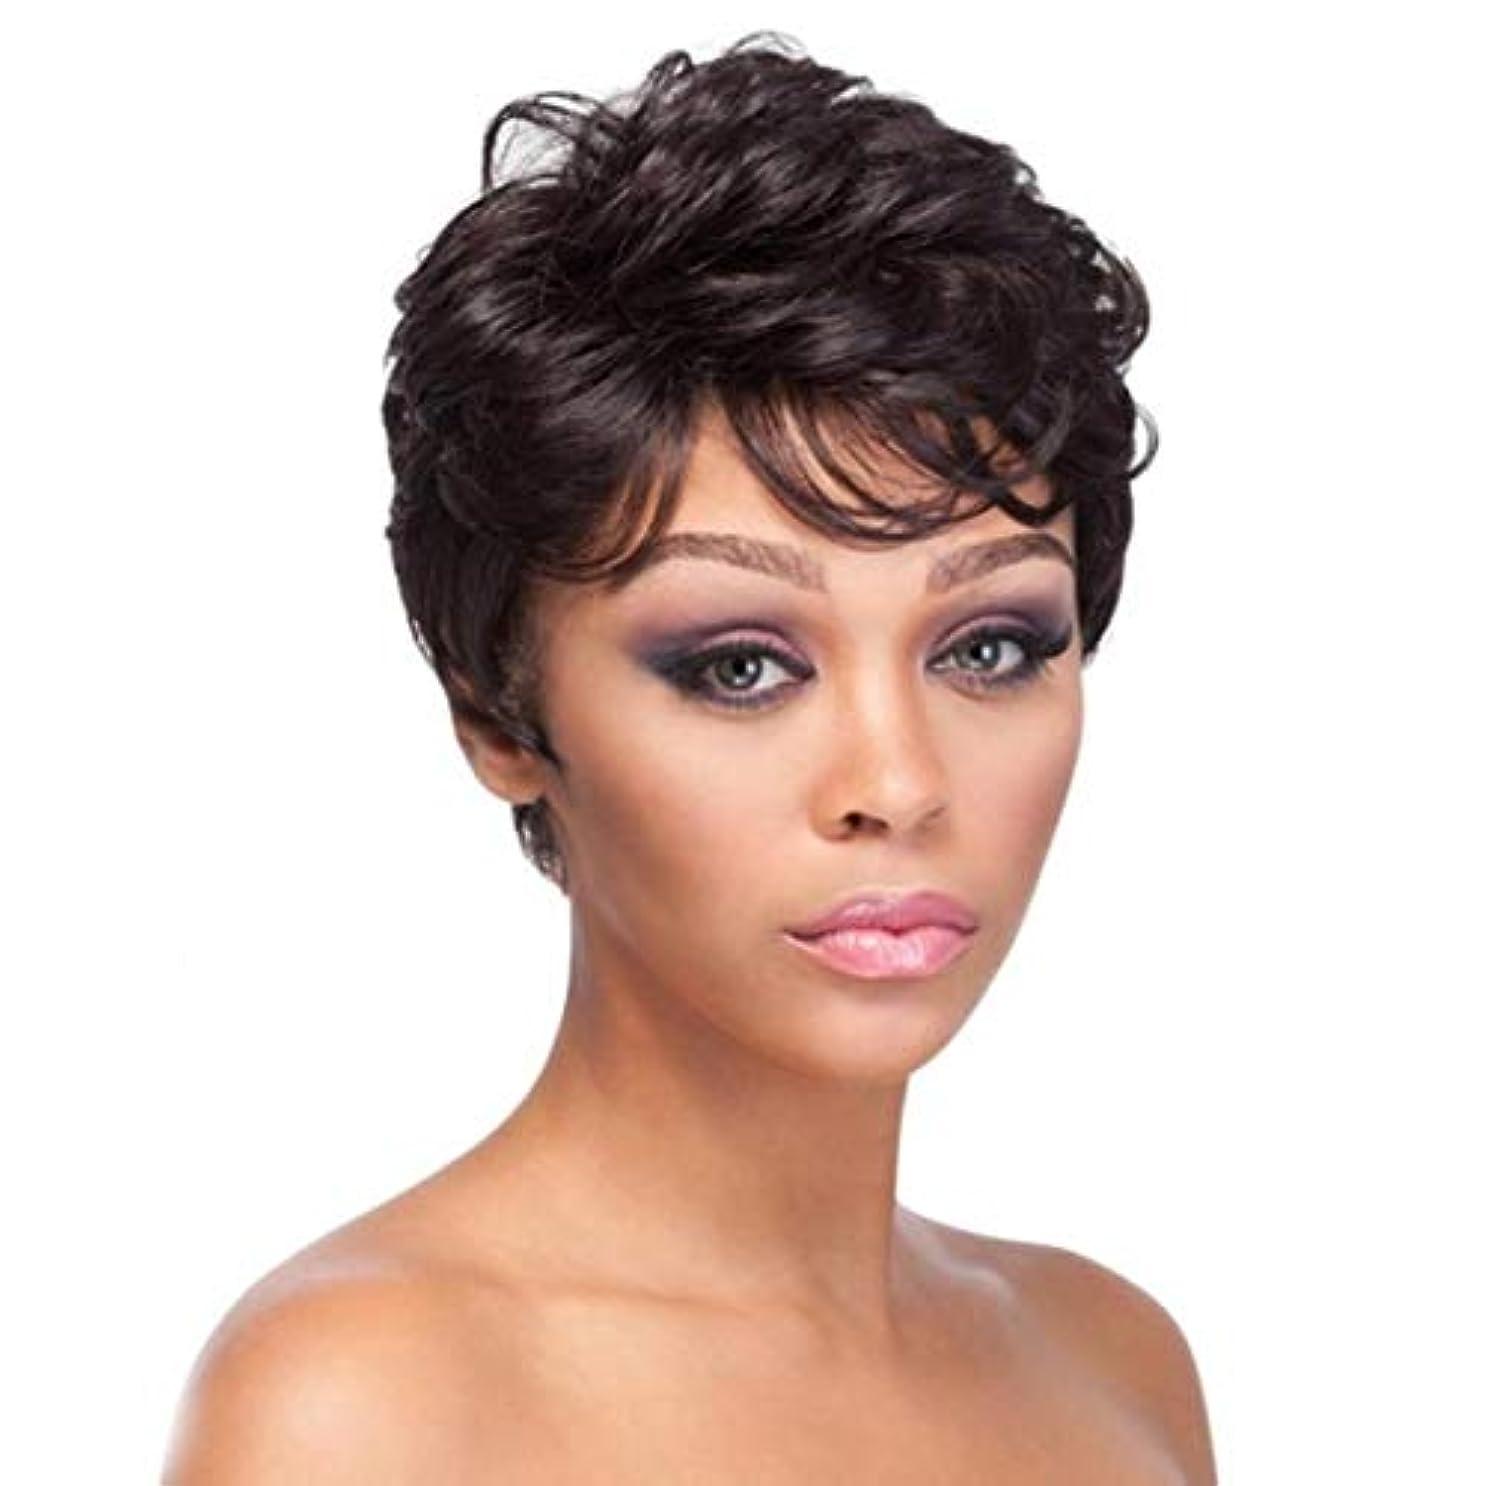 感染するどっちでも屈辱するSummerys 女性のための短い巻き毛のかつら前髪合成繊維のかつらでかつらかつら